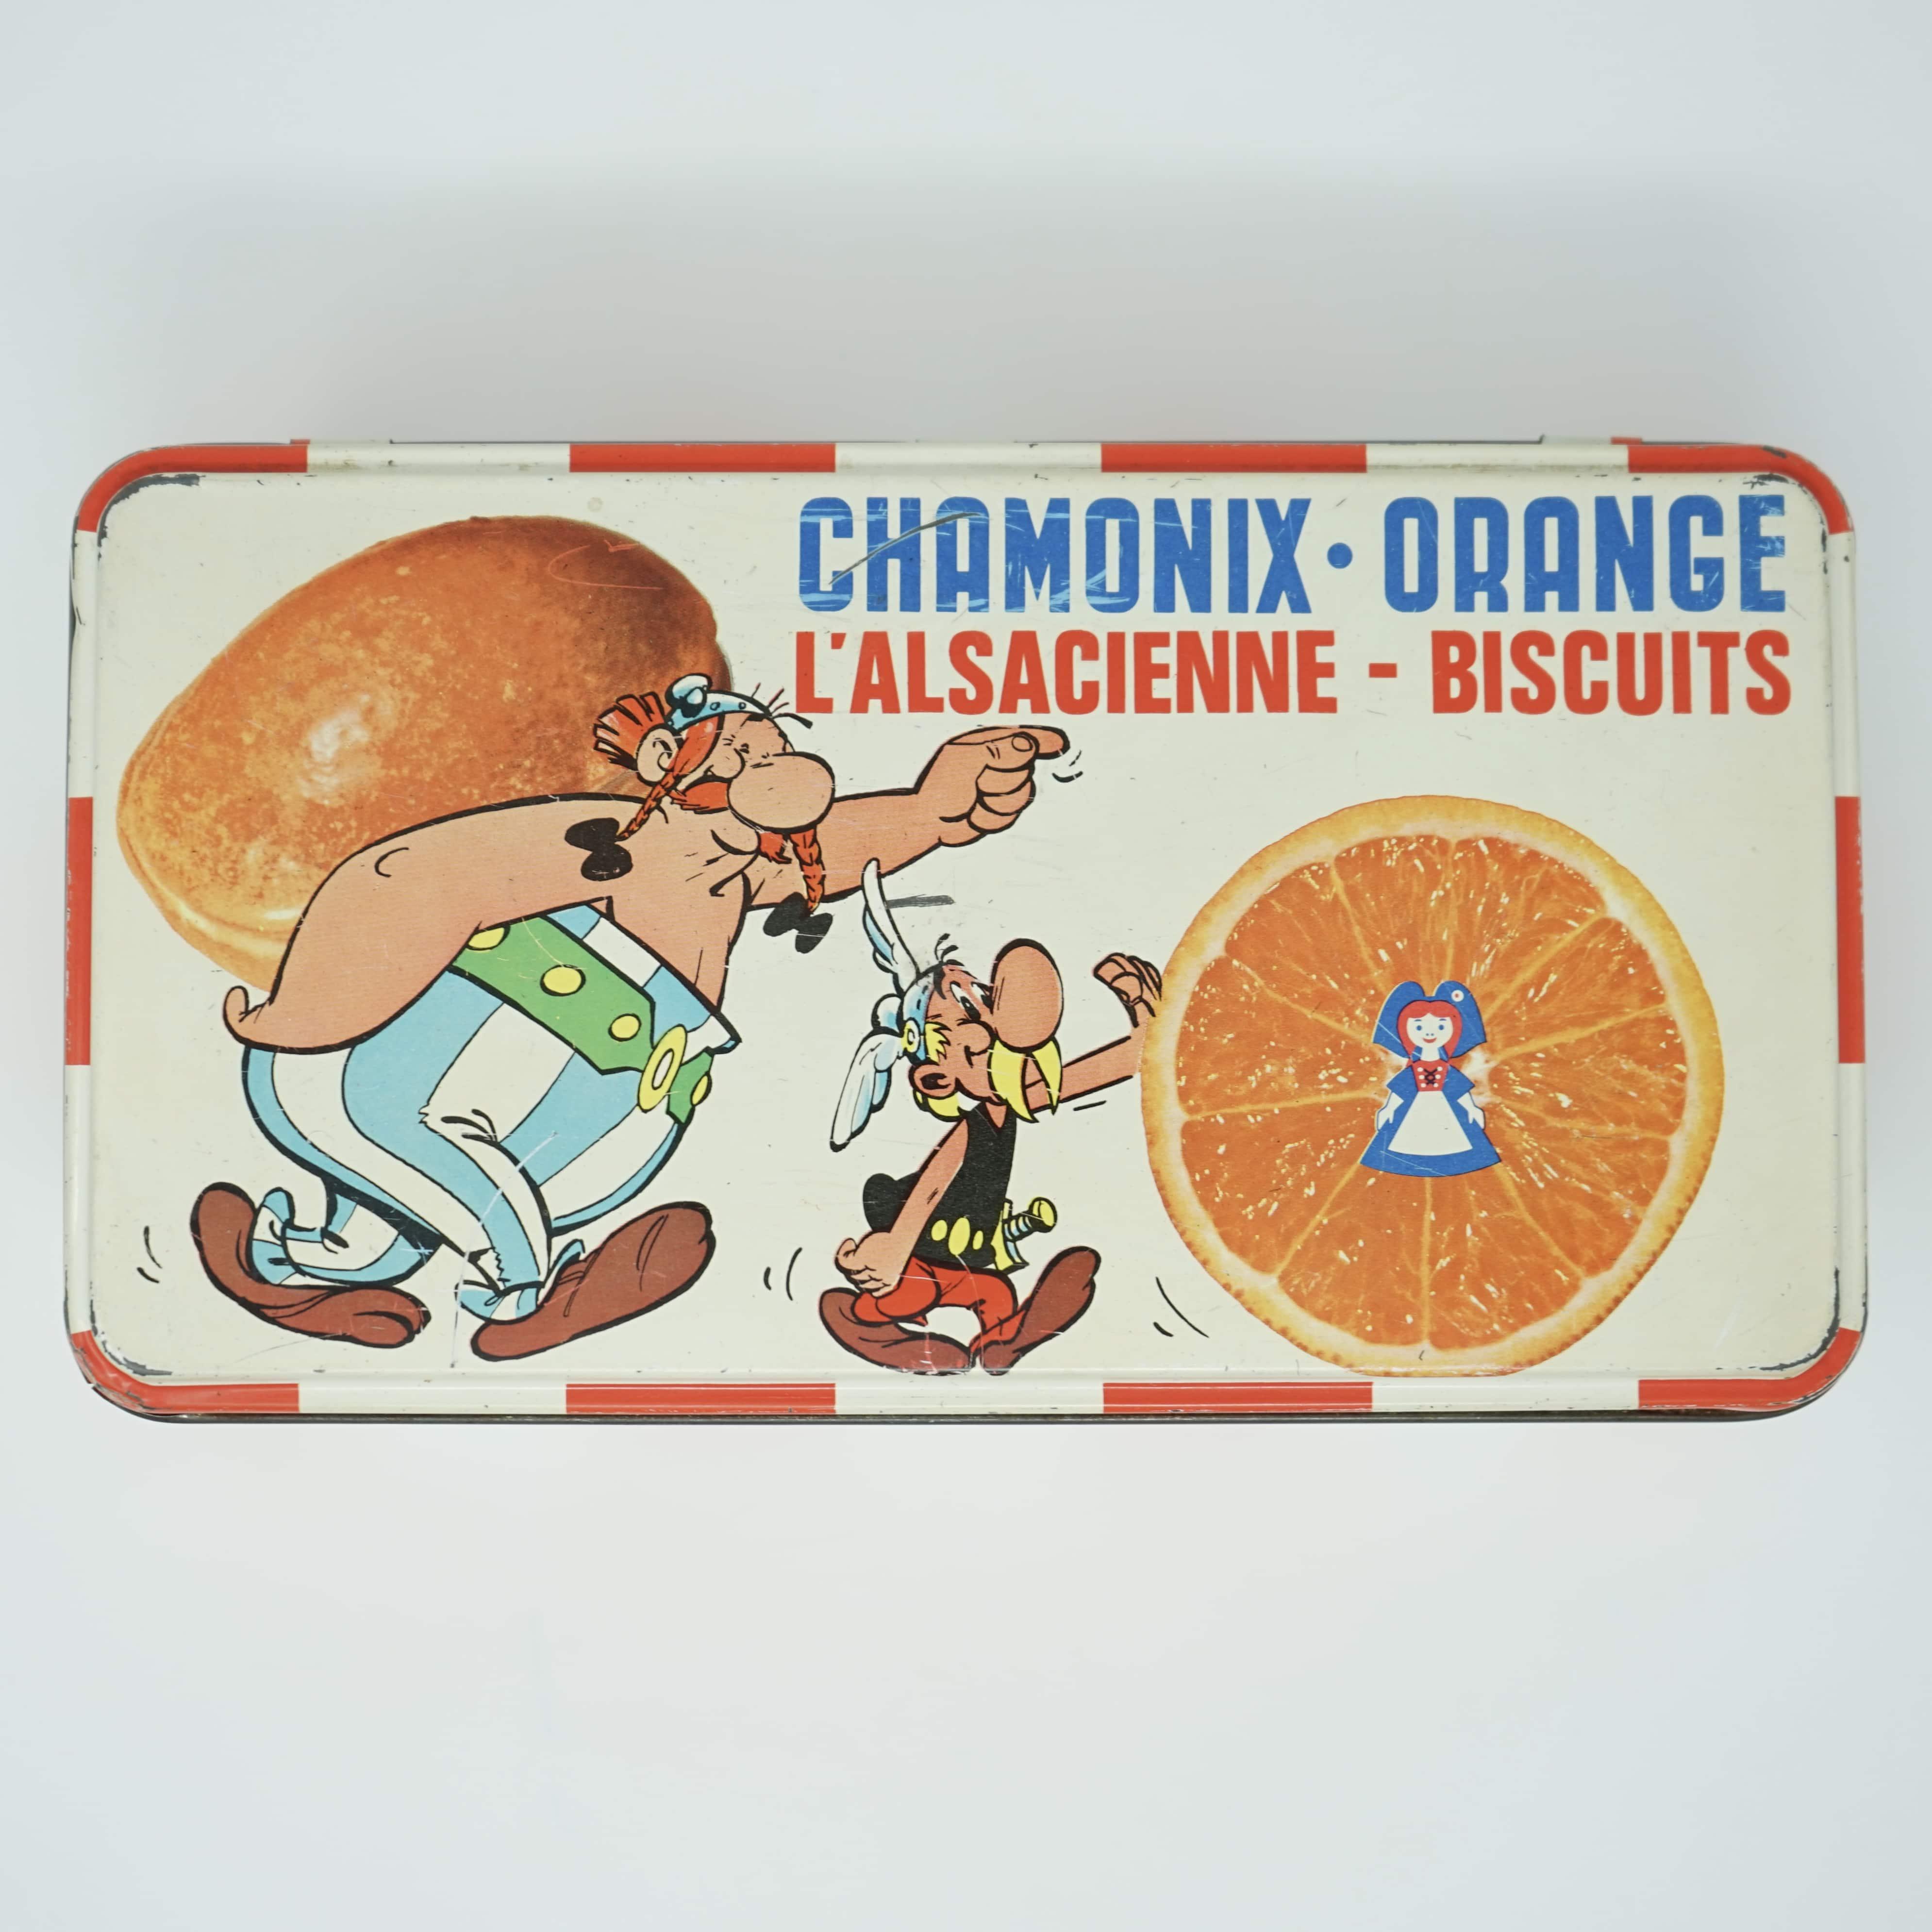 Boîte Publicitaire Astérix et Obélix Chamonix Orange L'Alsacienne Biscuits